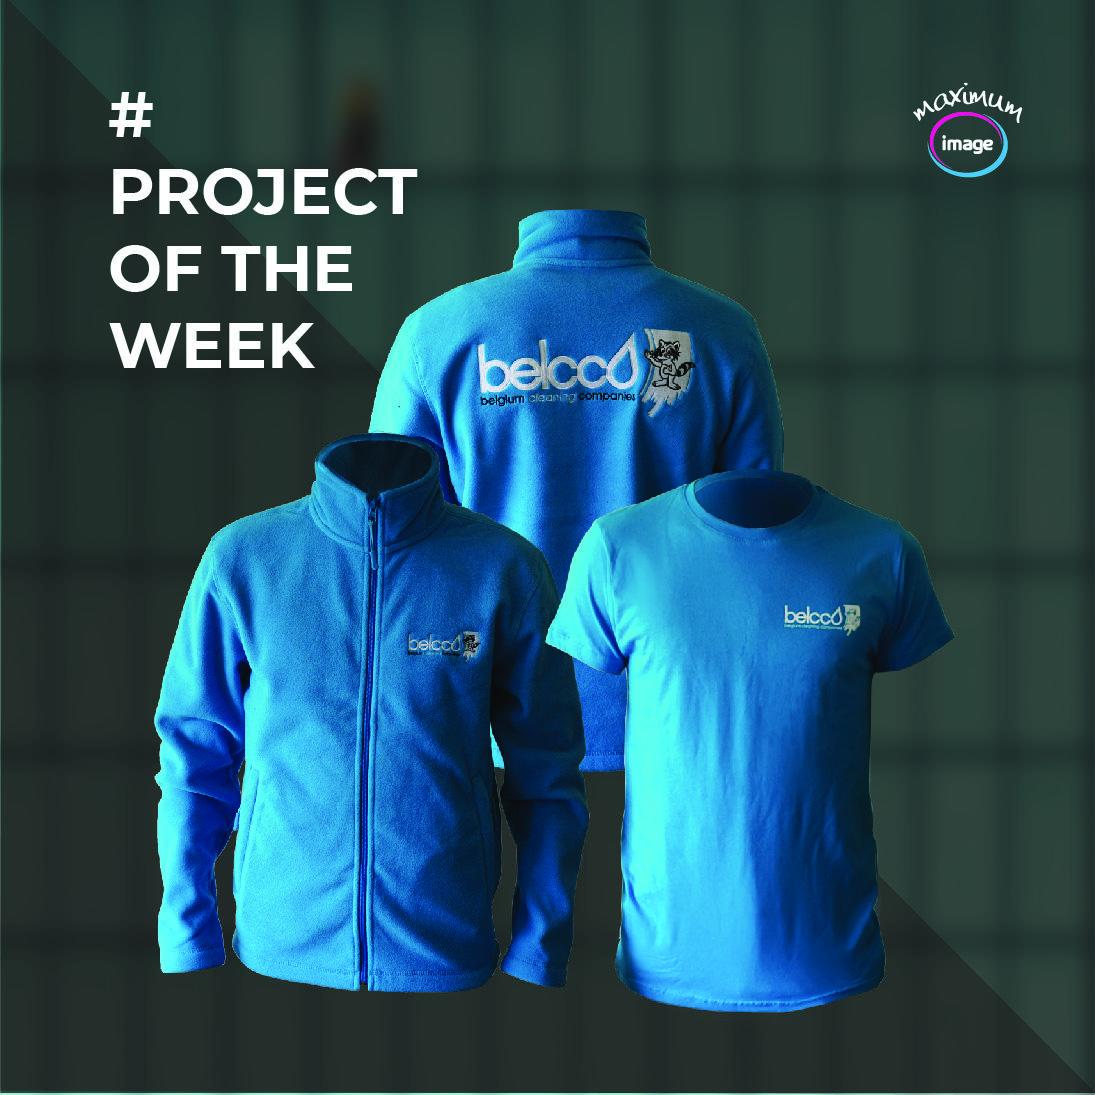 #ProjectOfTheWeek14